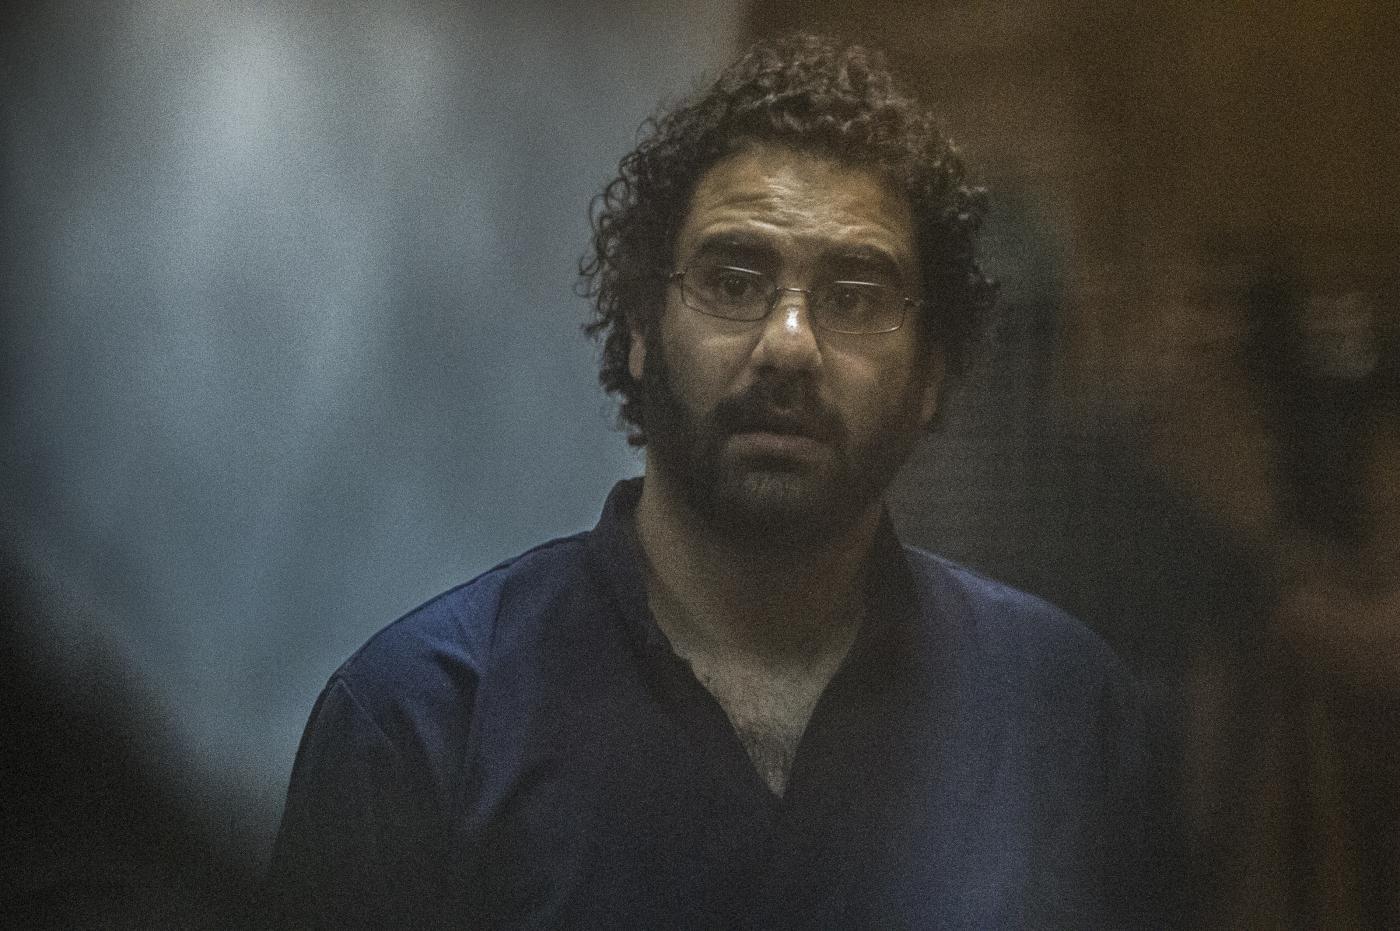 صورة الناشط اليساري المصري علاء عبد الفتاح يتعرض للضرب والتهديد في السجن